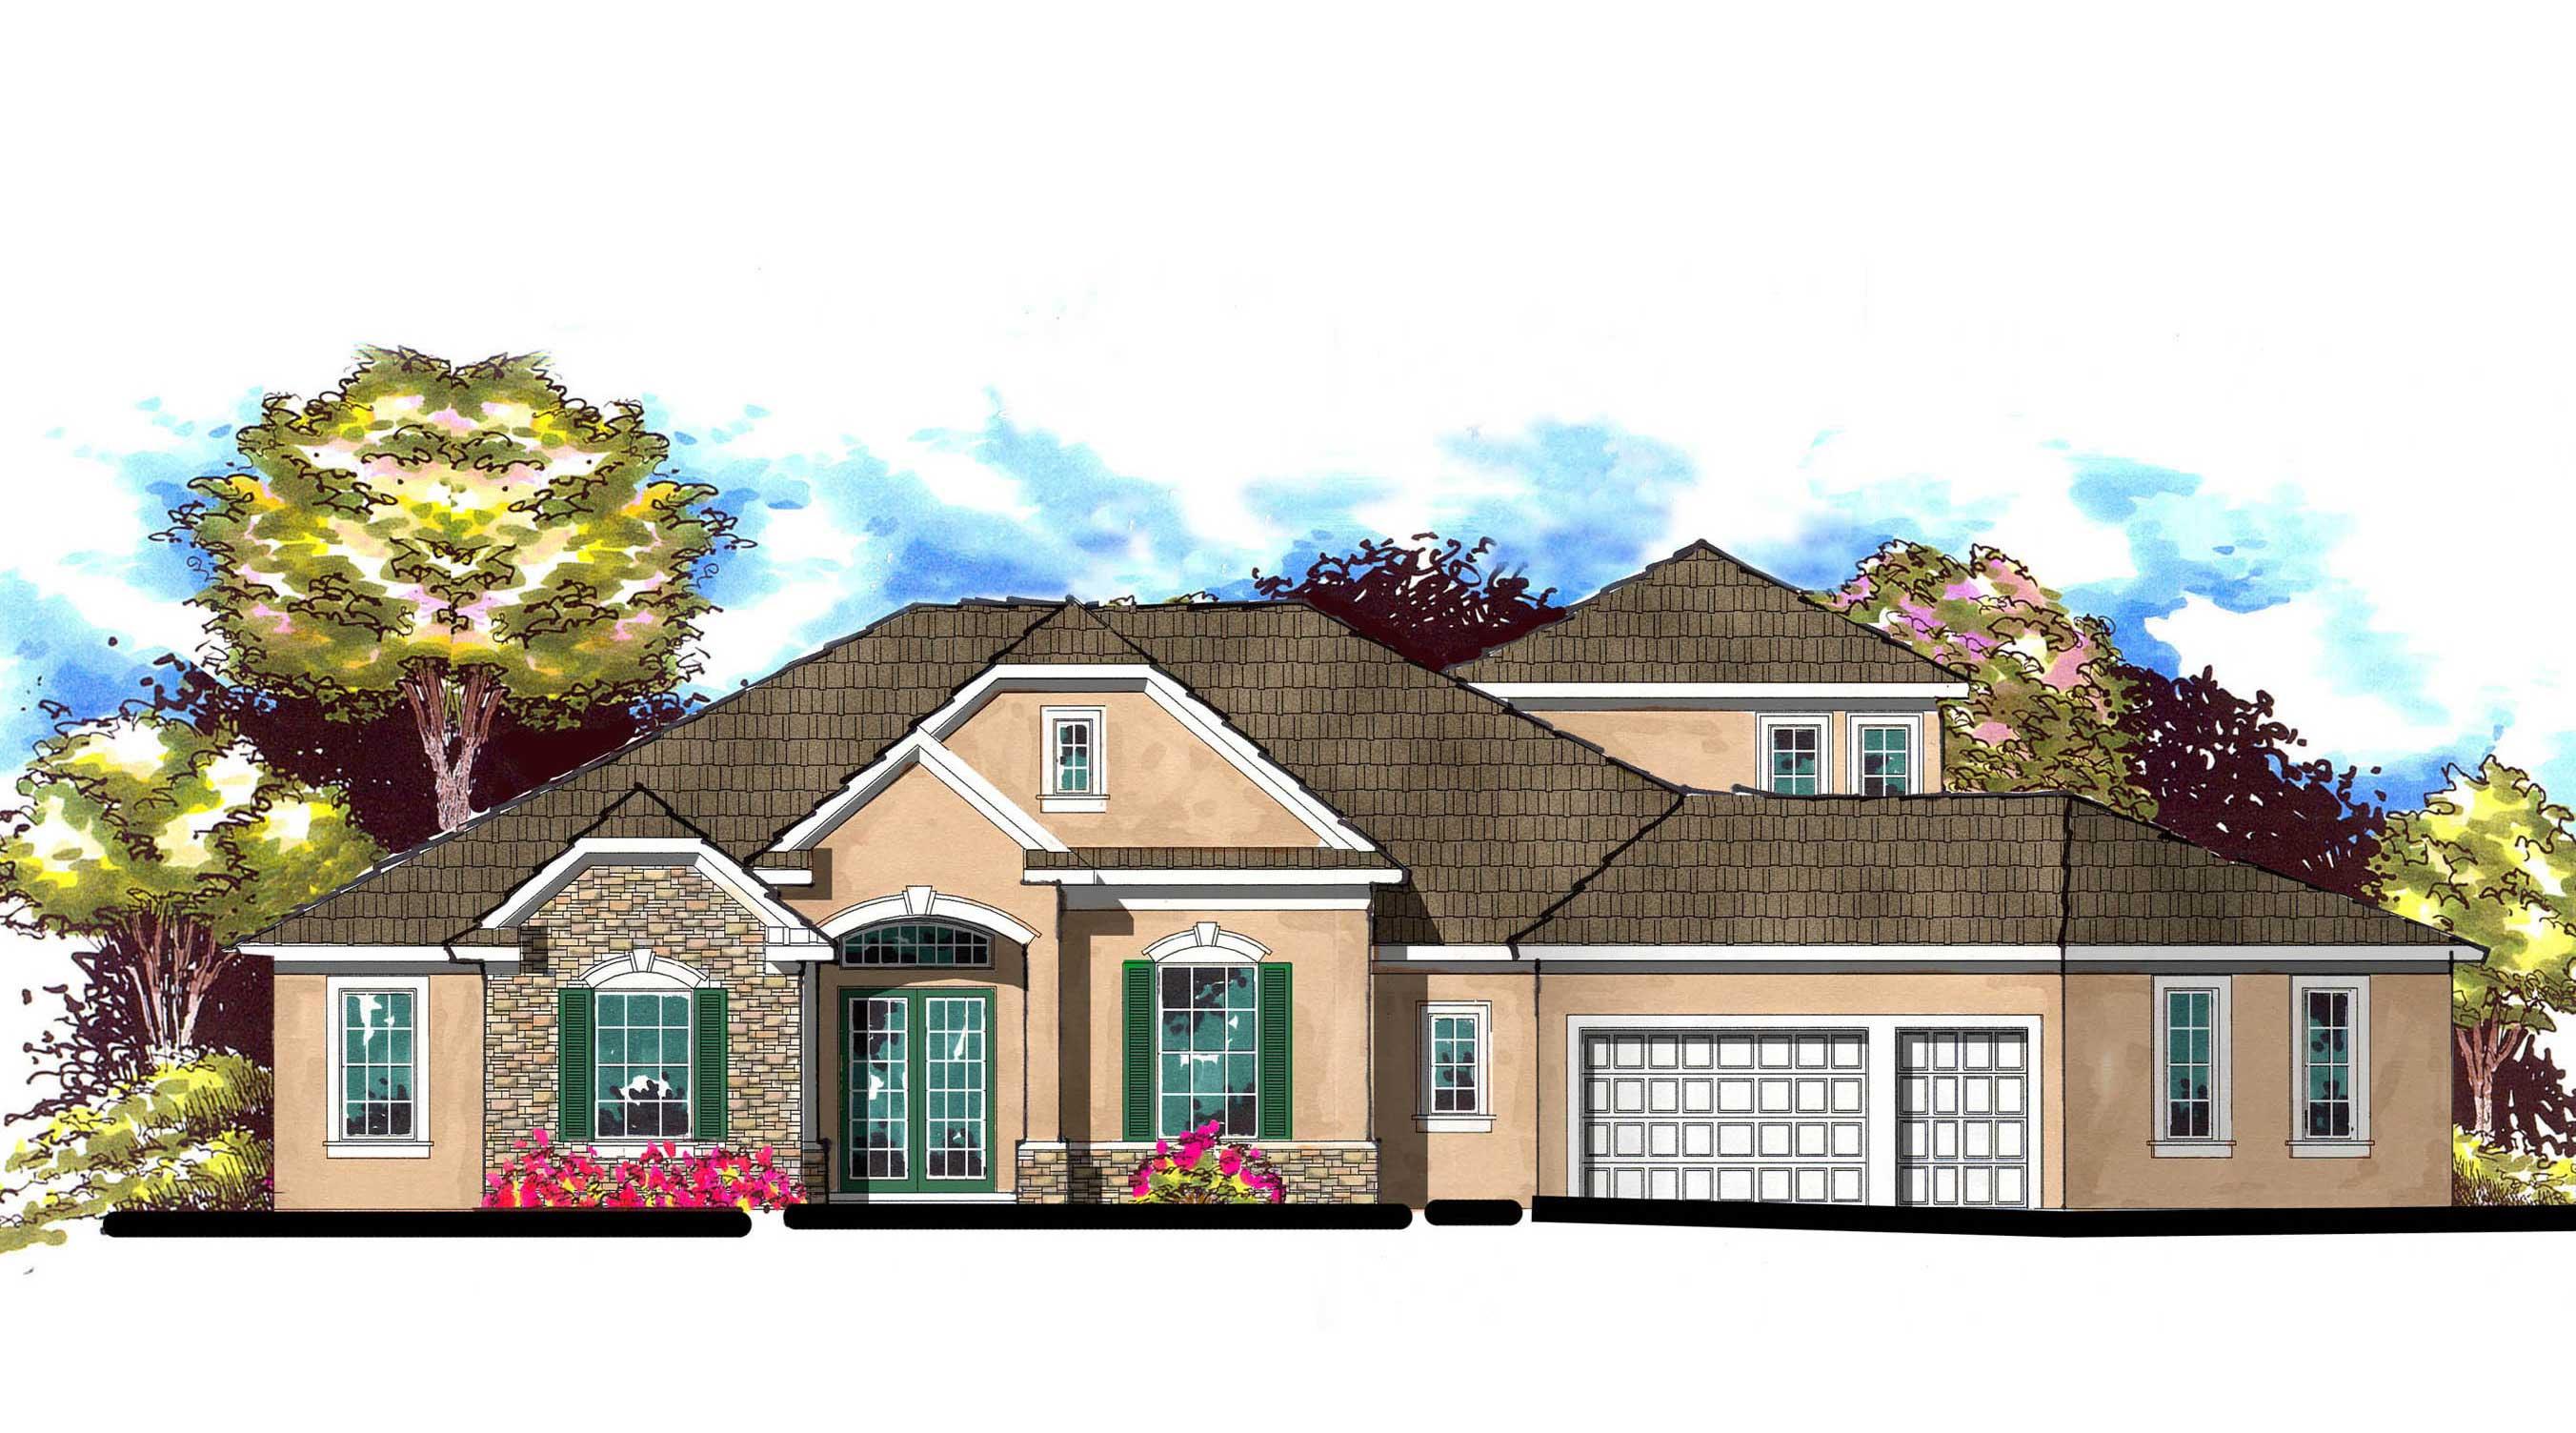 European home plans home design 3687 for European home collection